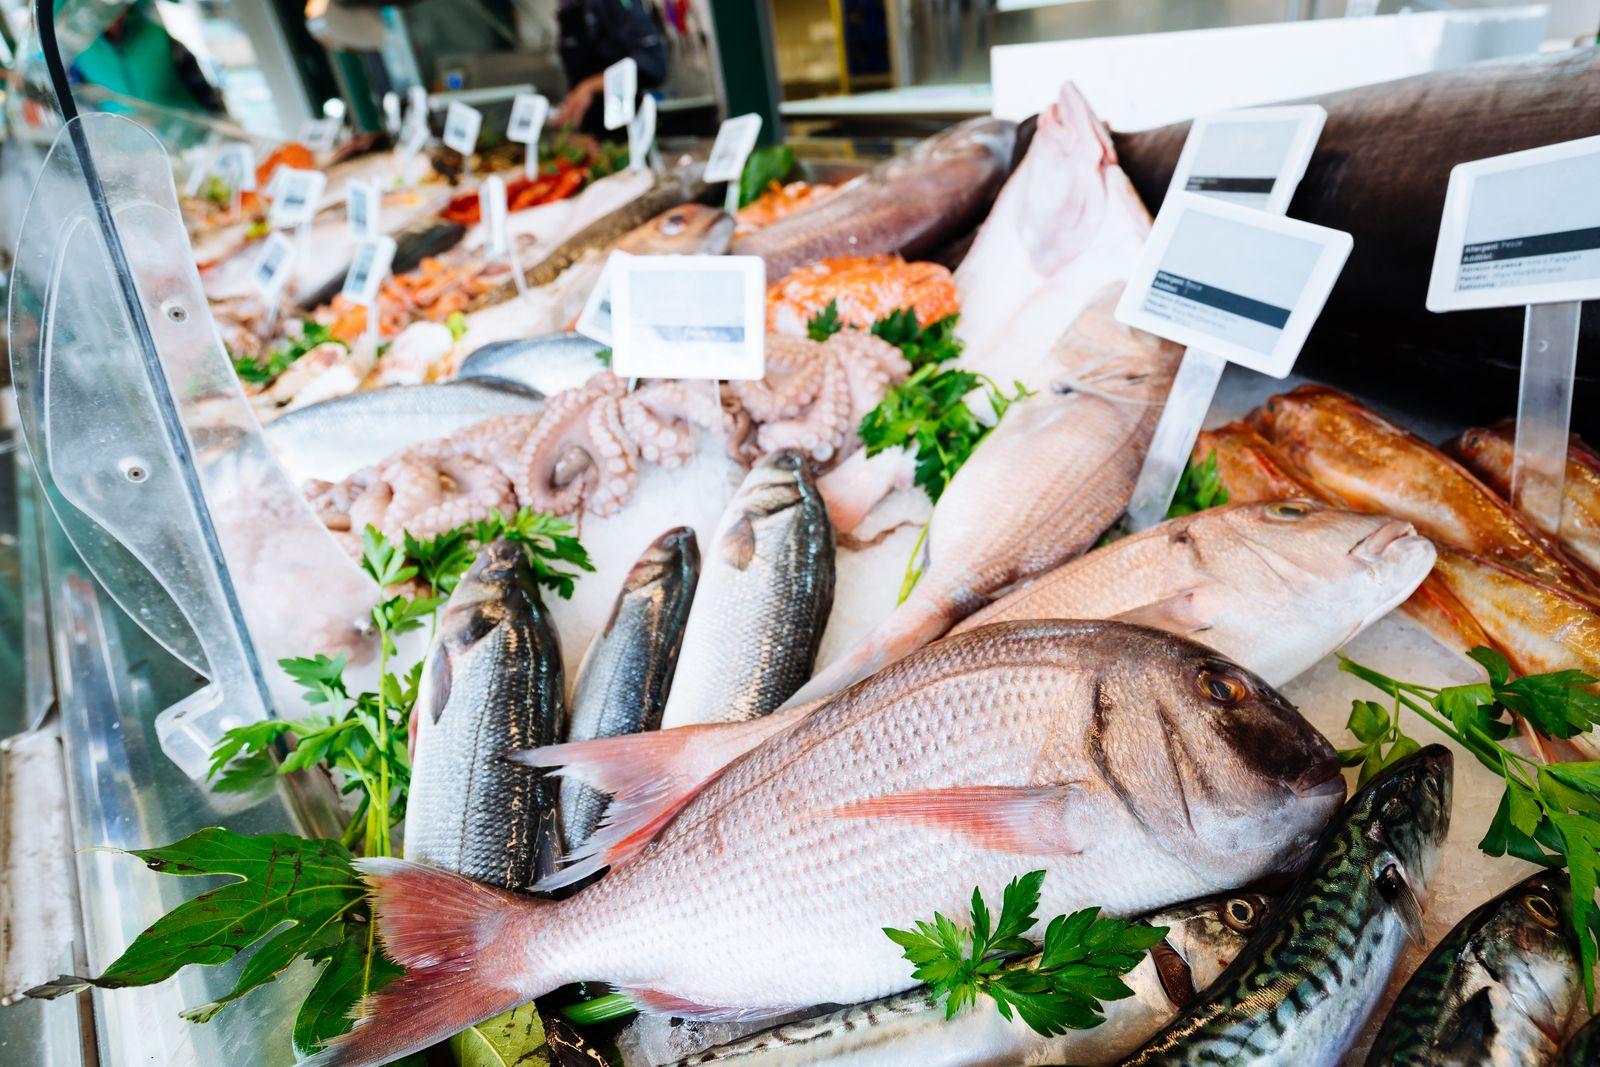 ryby z vody seznamka